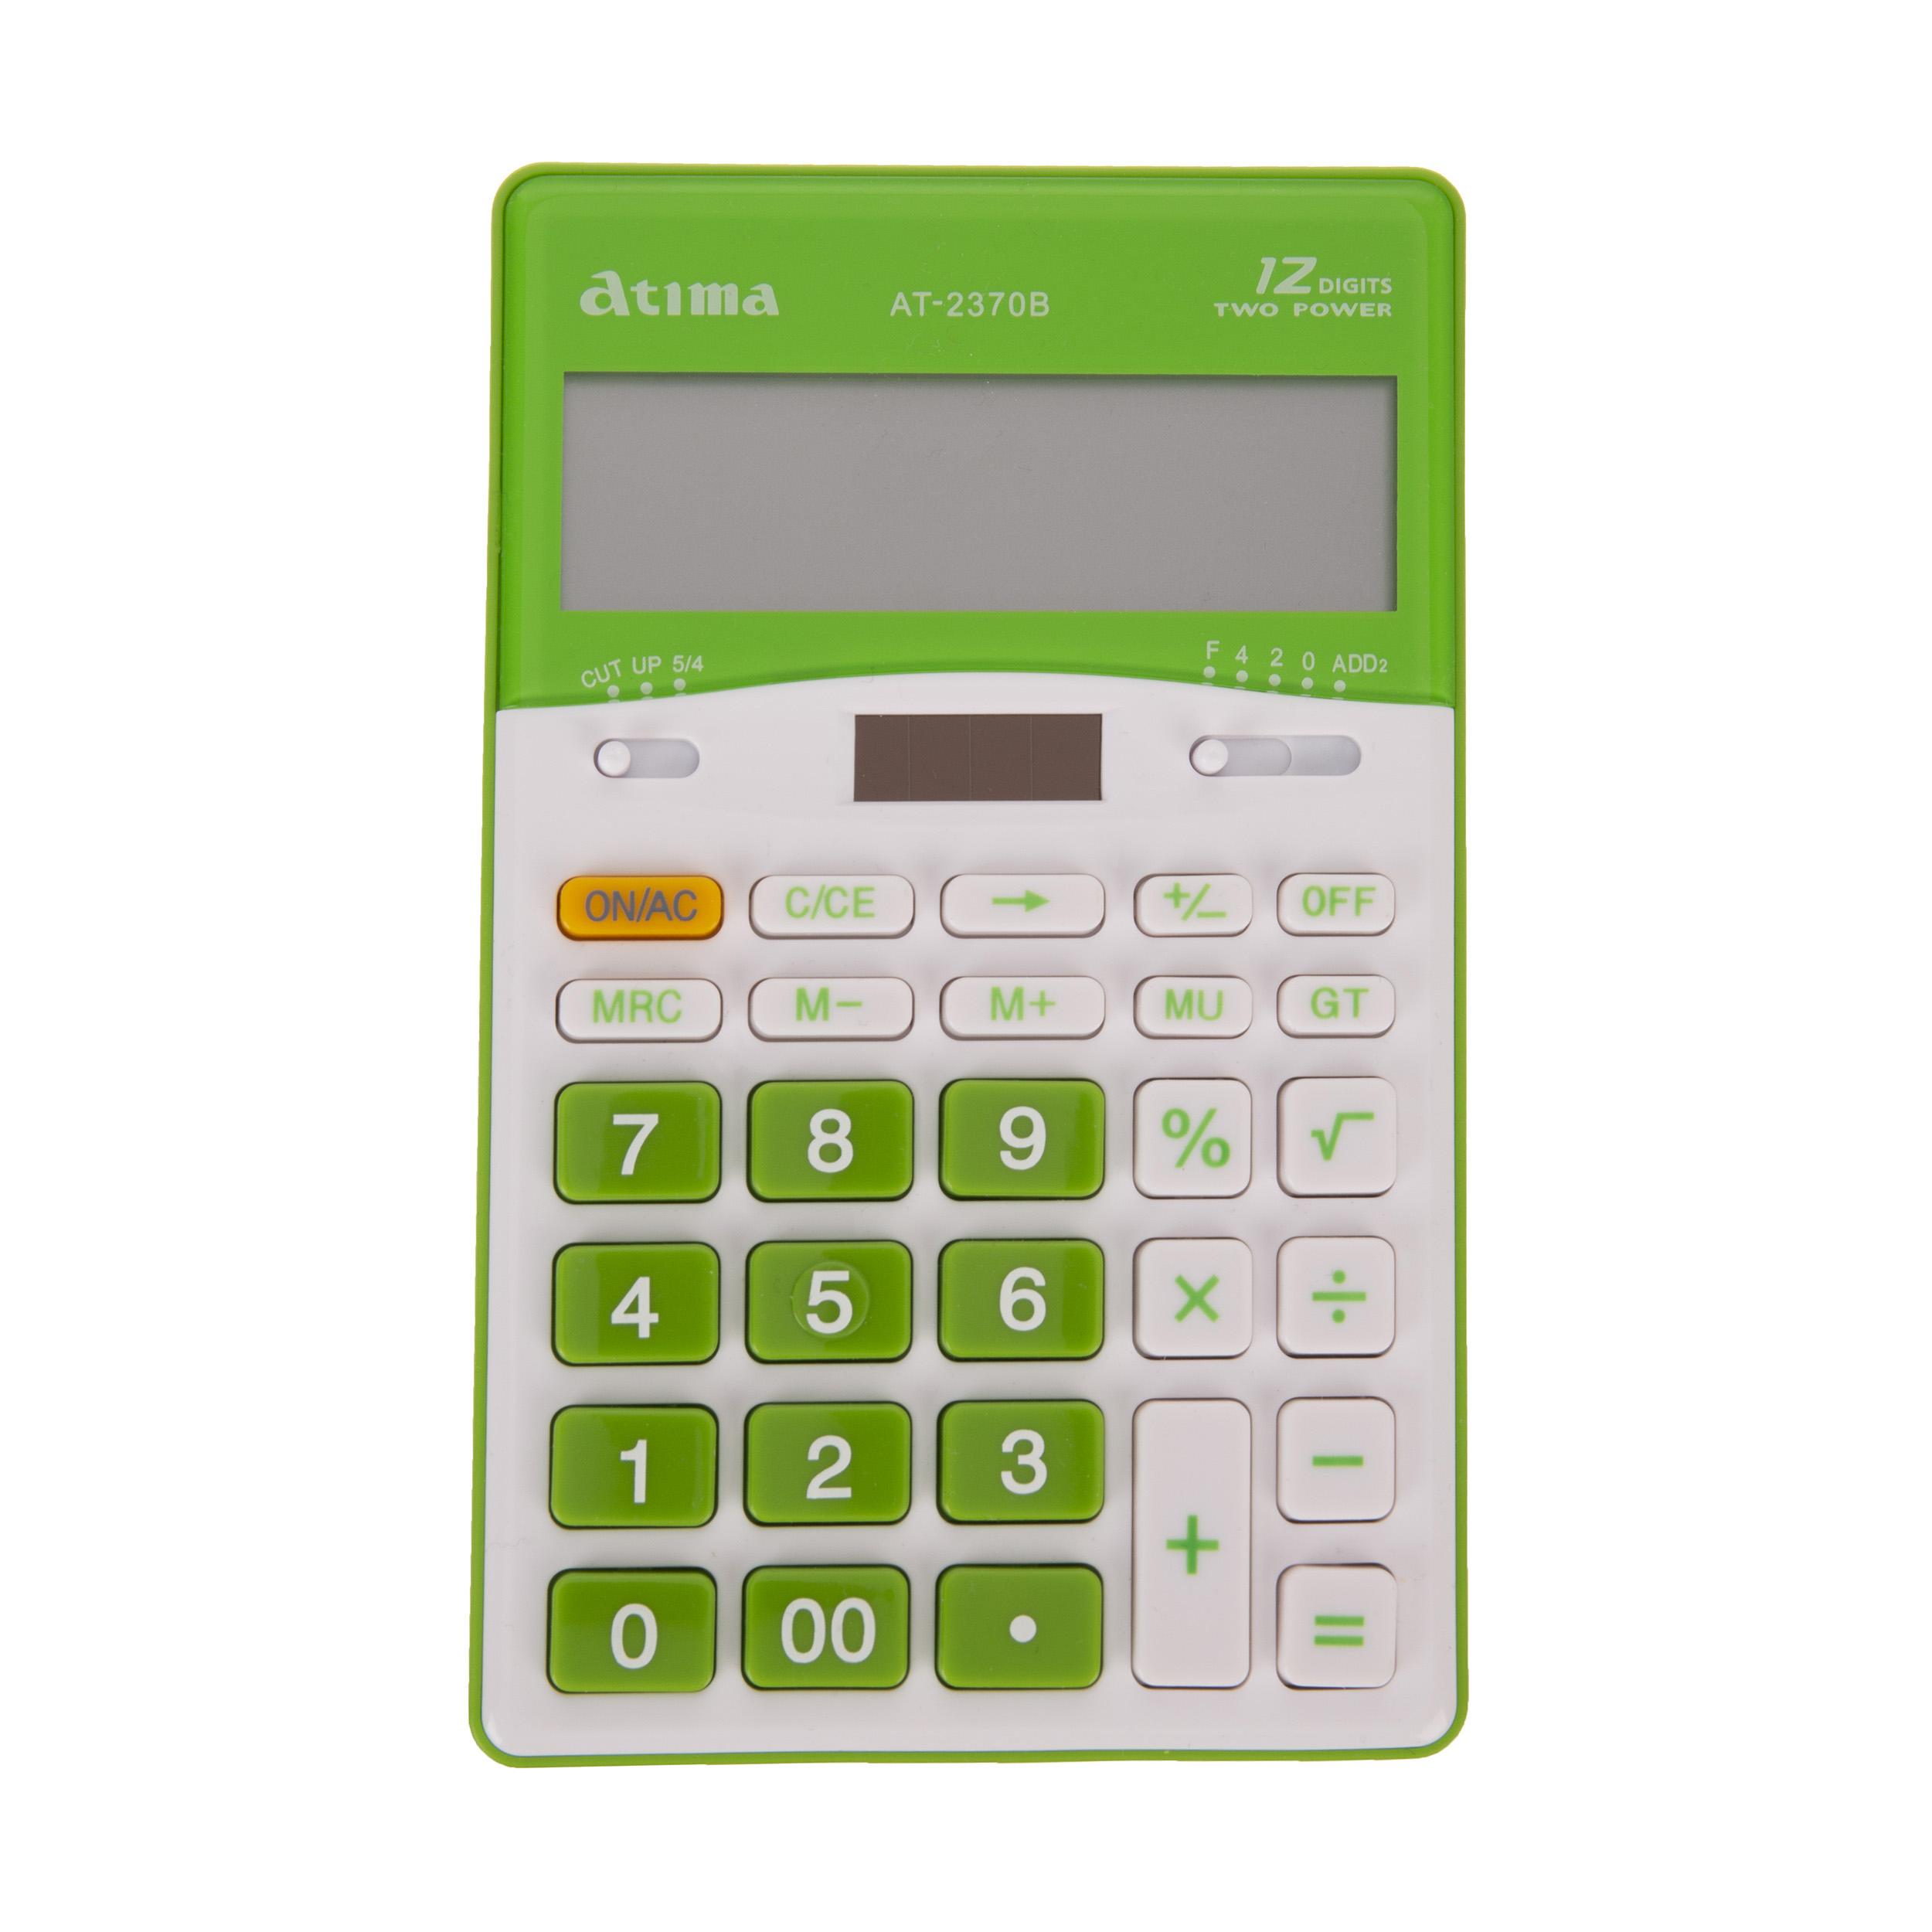 ماشین حساب آتیما مدل AT-2370B